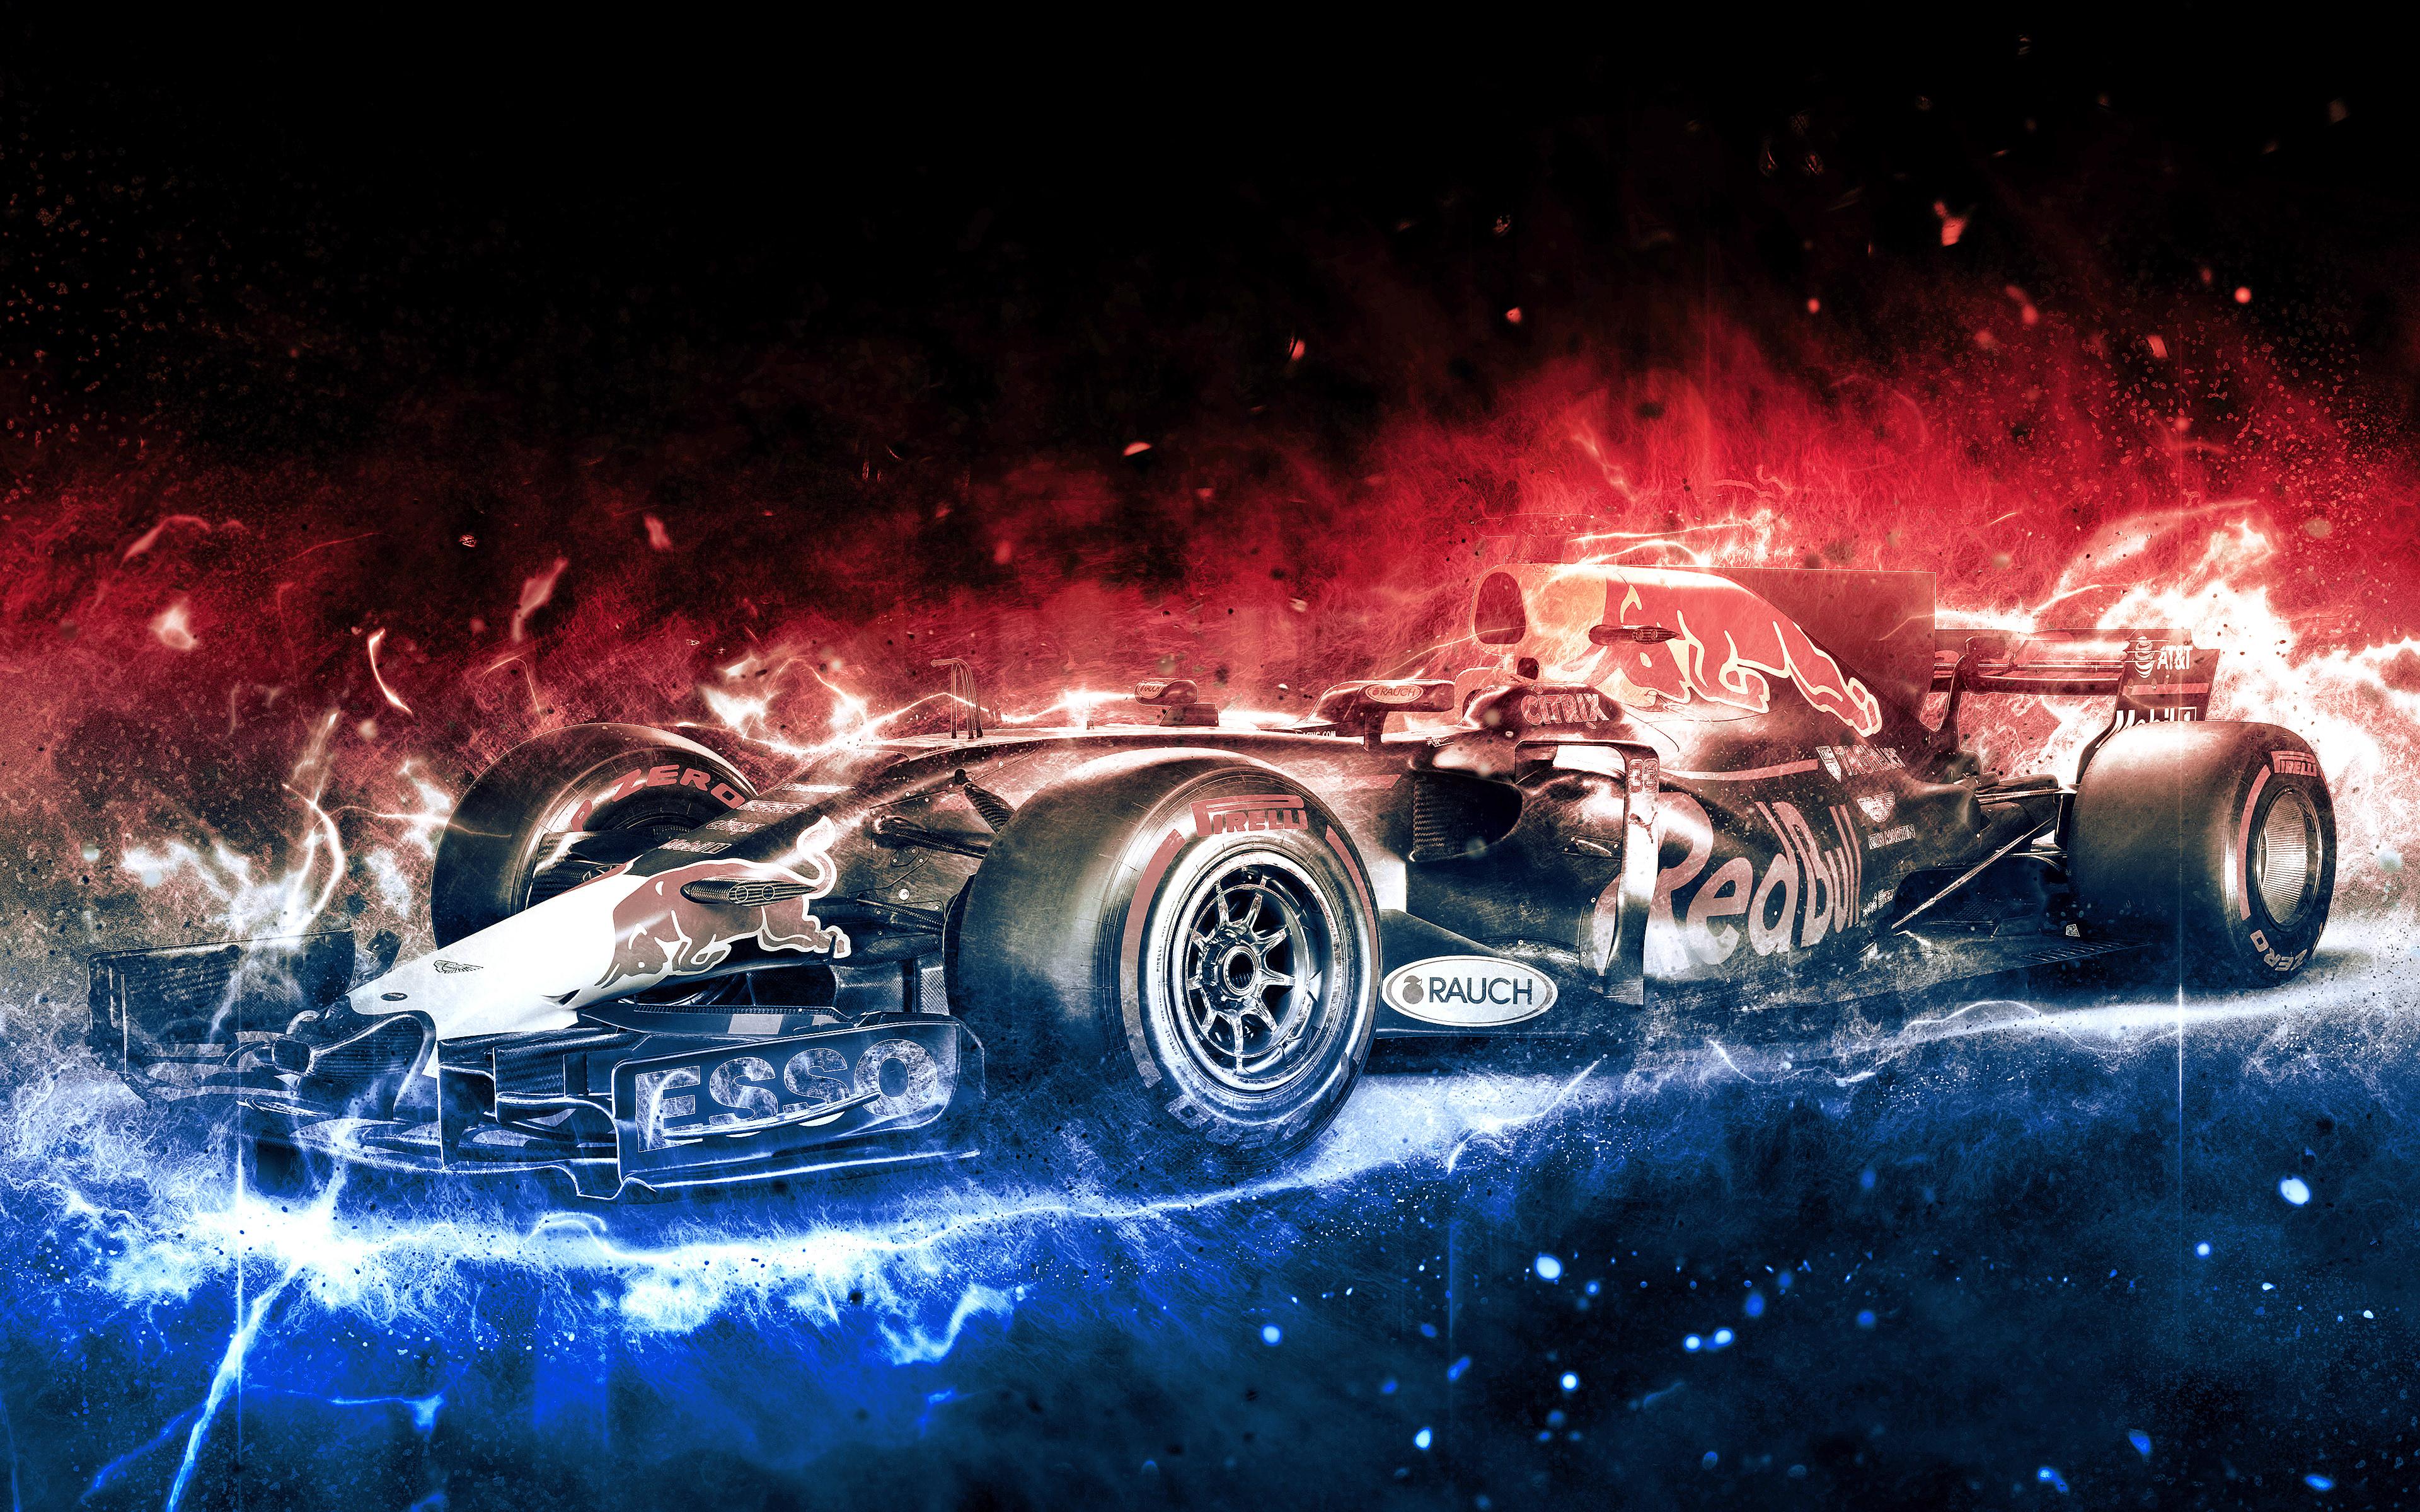 F1 ultra hd wallpaper 10